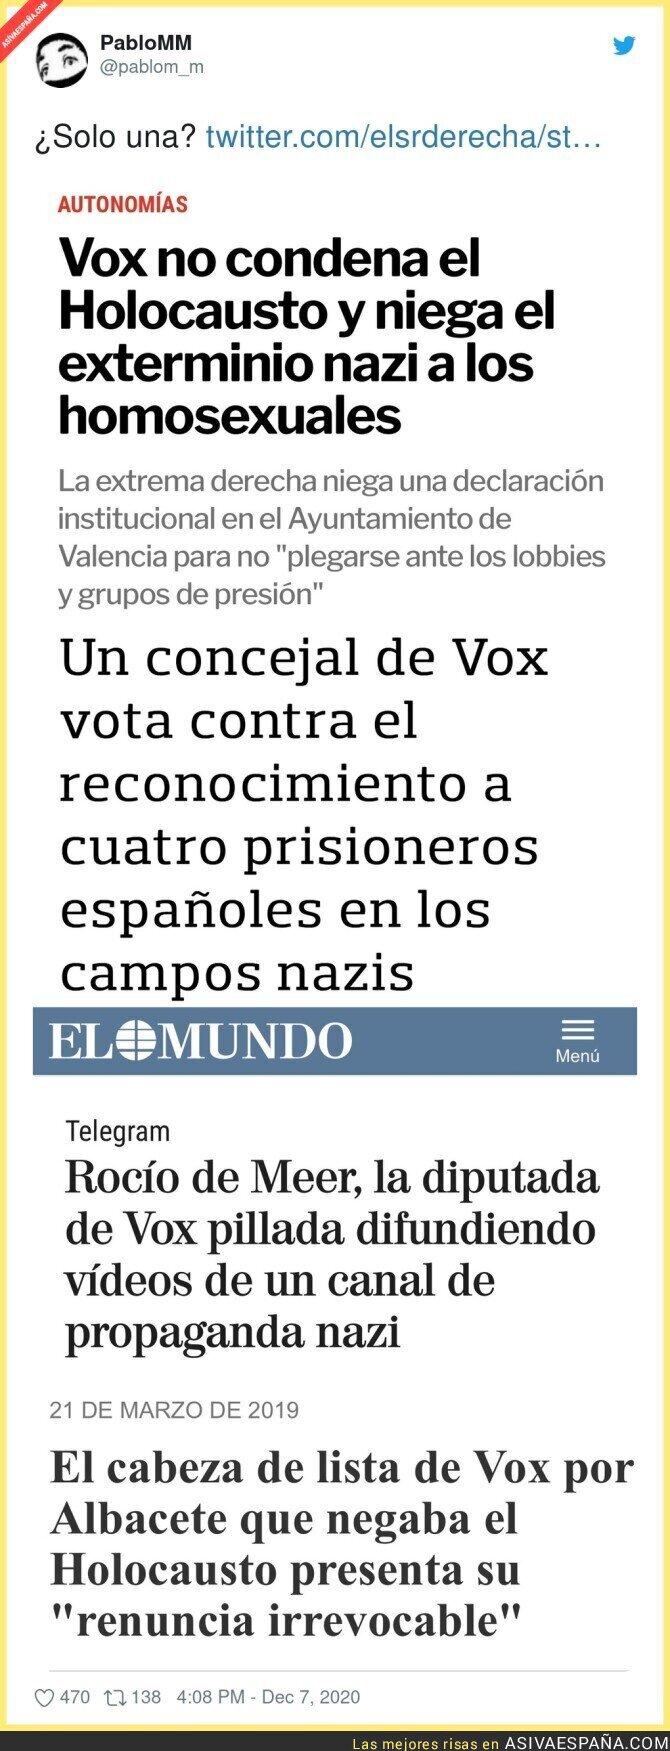 497180 - El nazismo está muy cercano a la gente de VOX